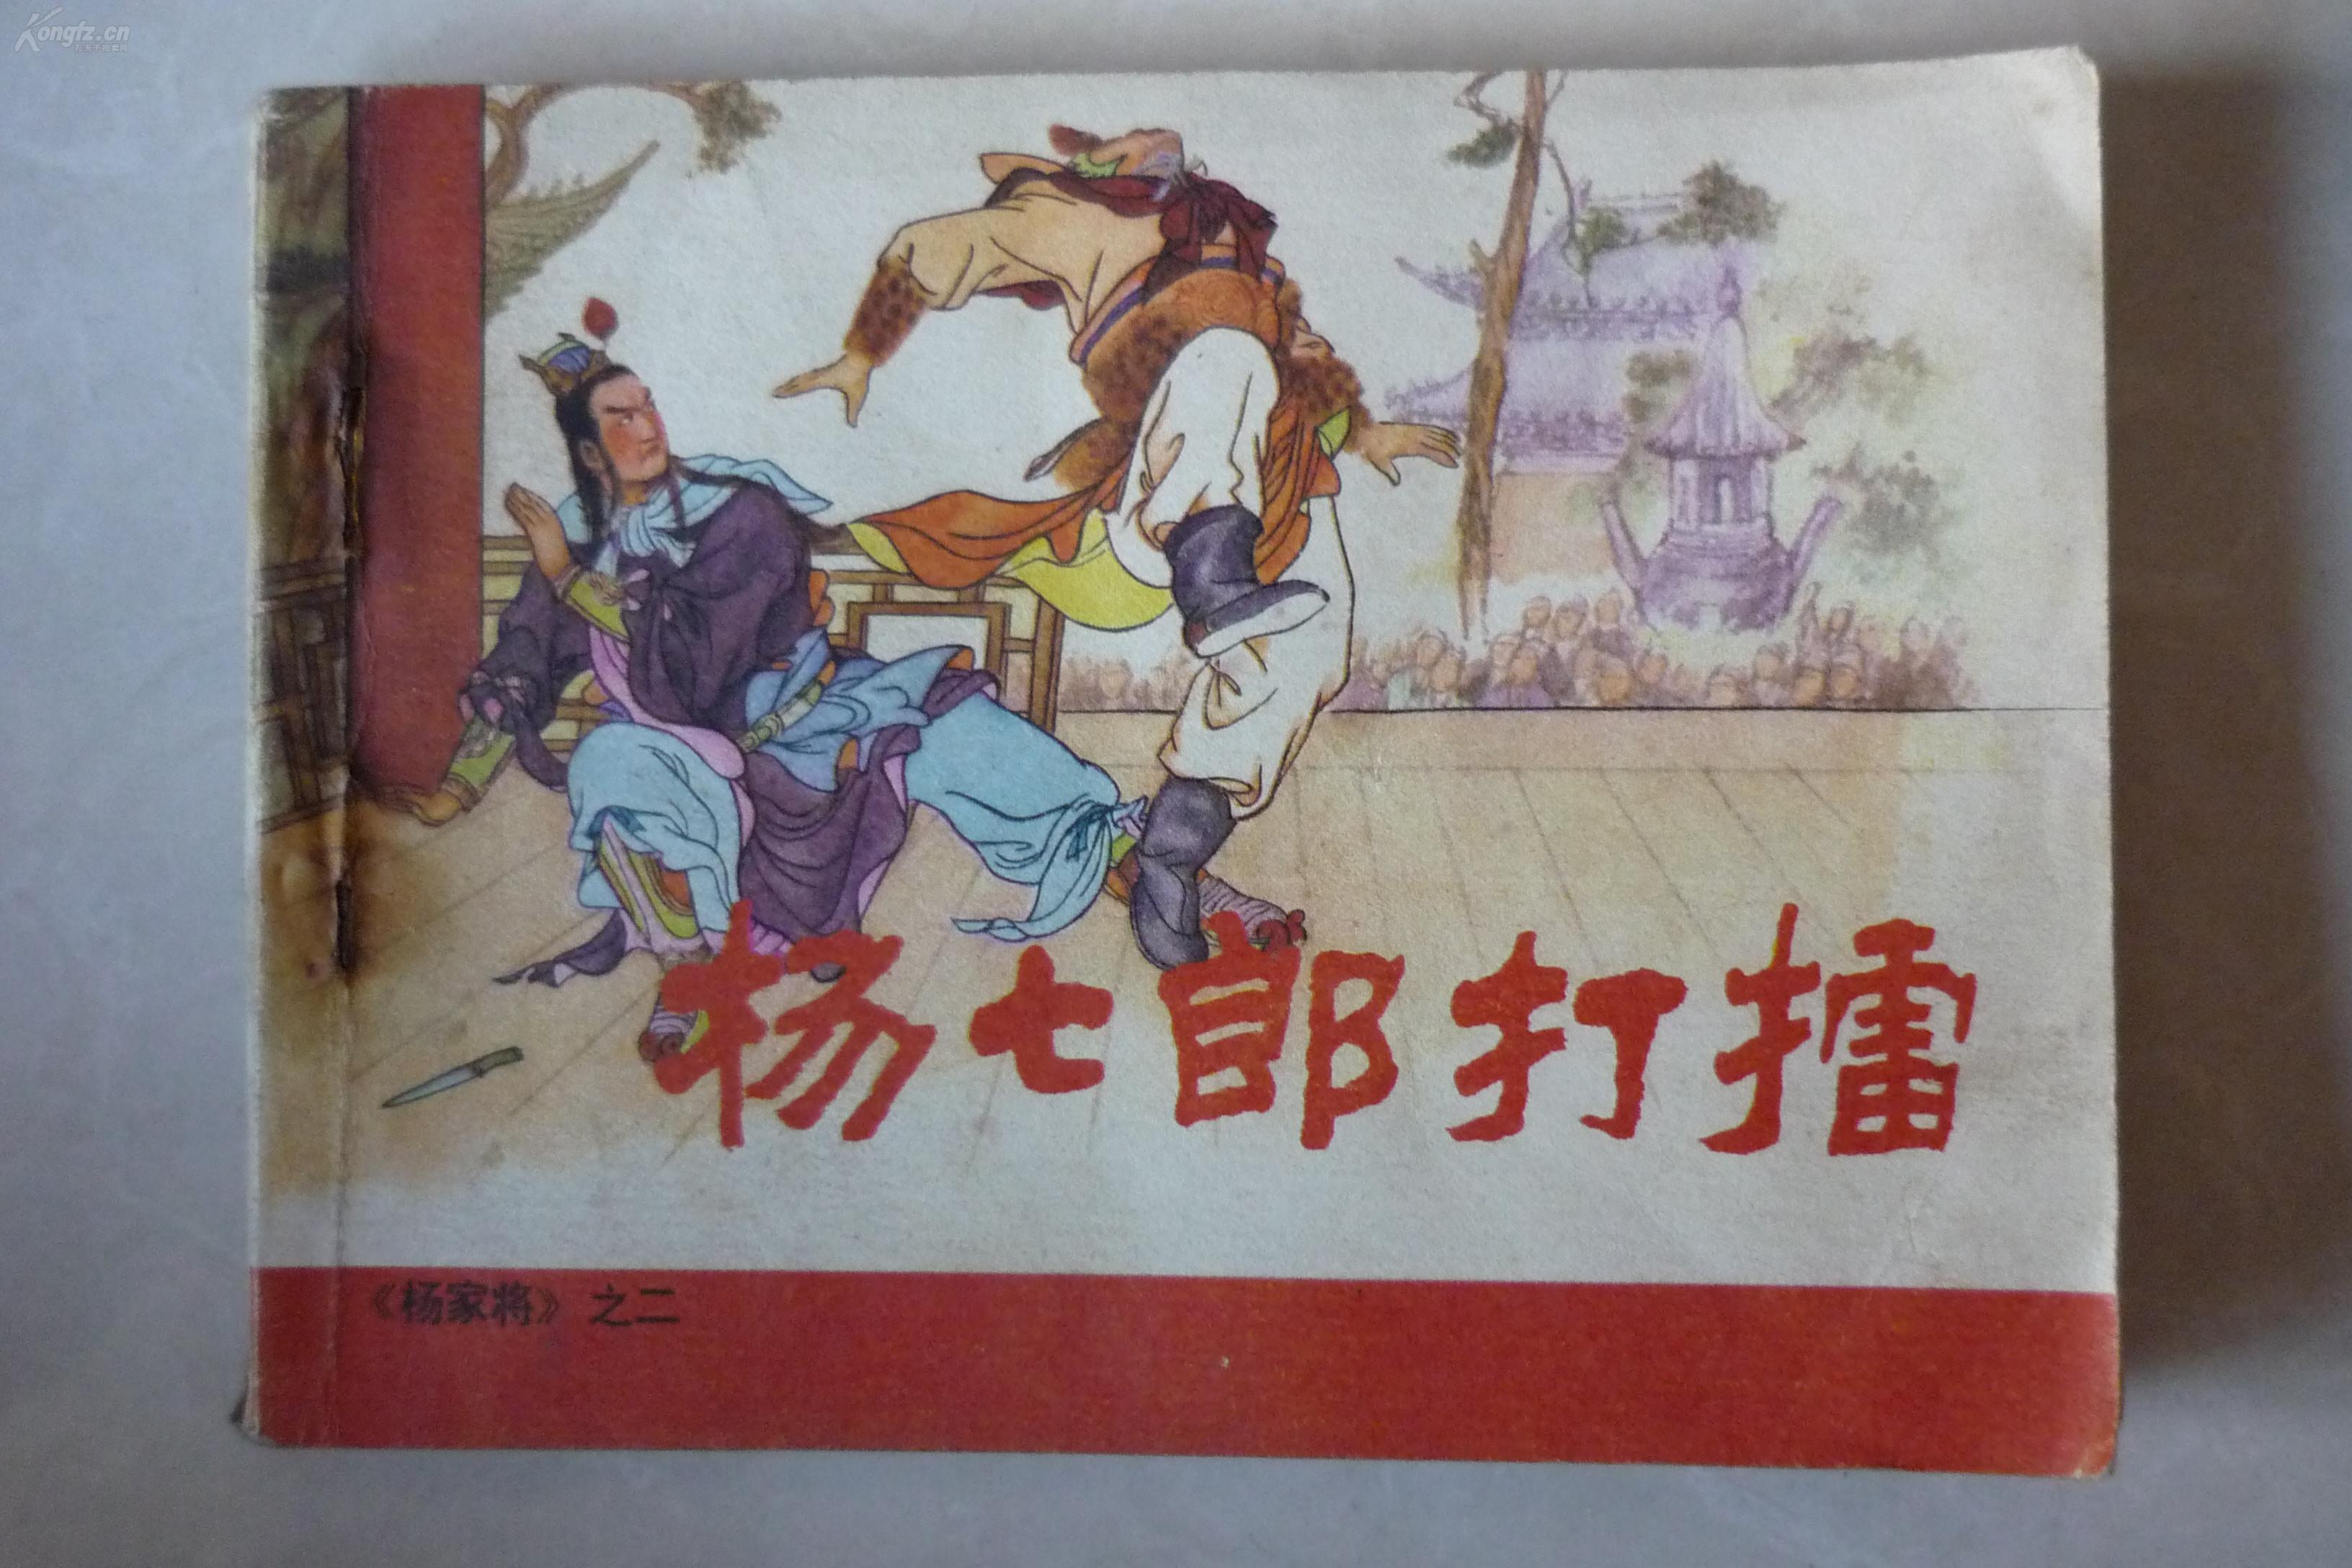 连环画 杨家将之二《杨七郎打擂》a10-066图片